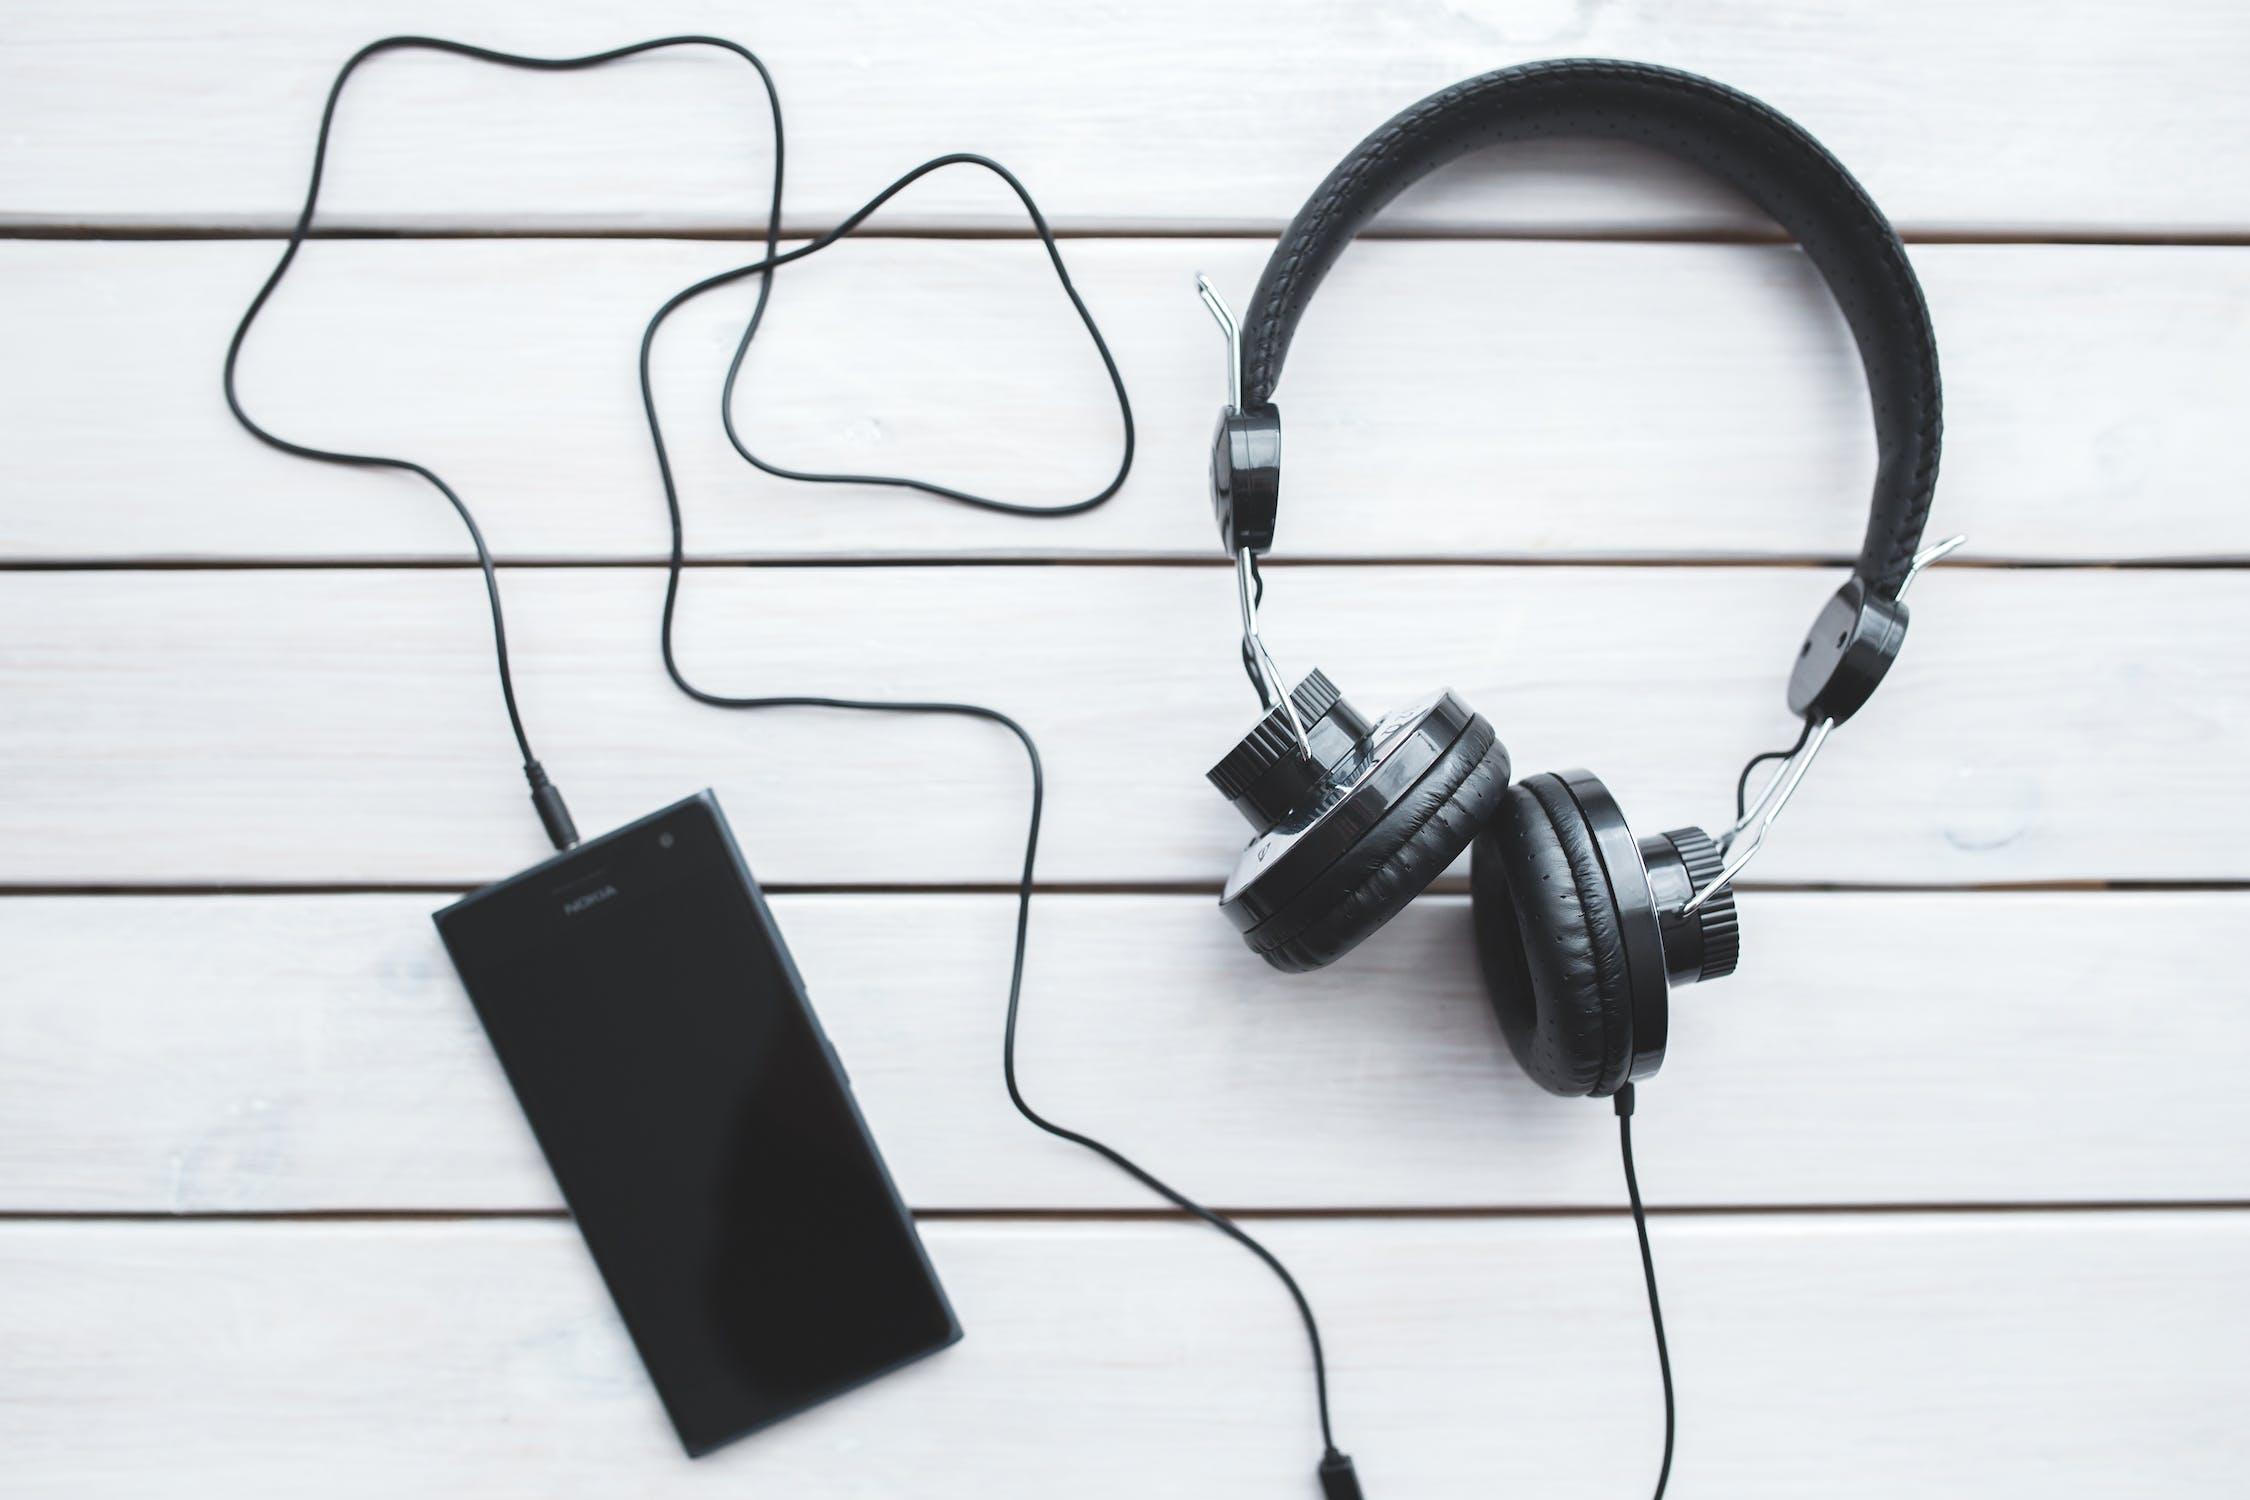 家で勉強するメリットは音楽やリスニングの音源を流しながら勉強できること